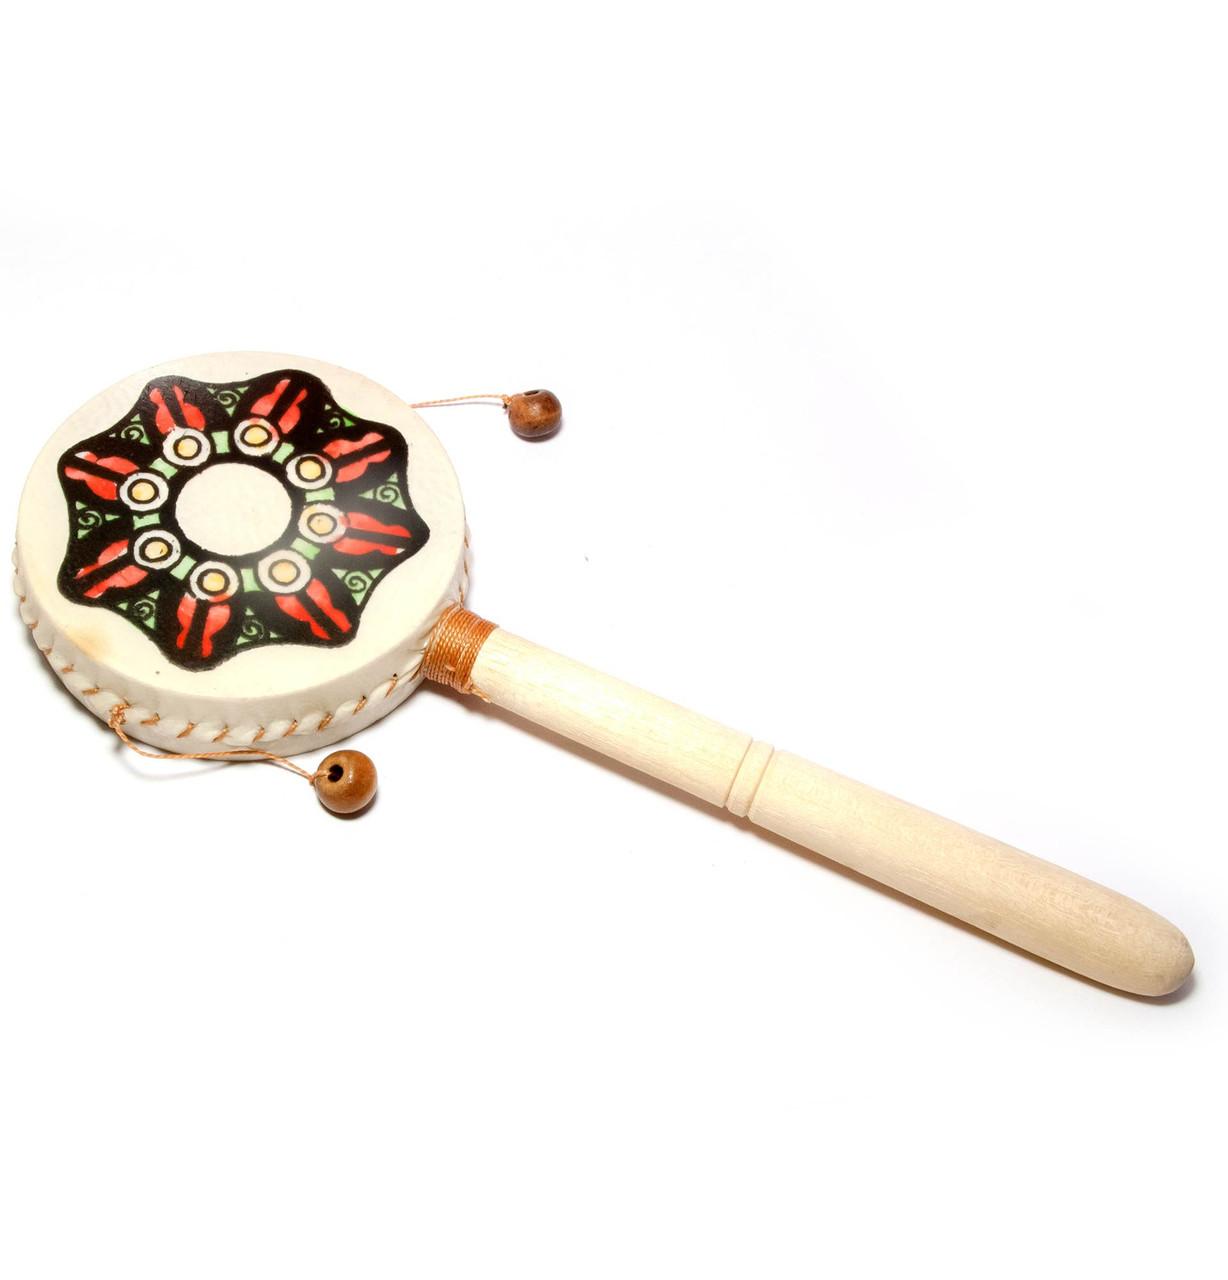 Барабан трещетка (20х8х2 см) - Магазин подарков Часики в Харькове